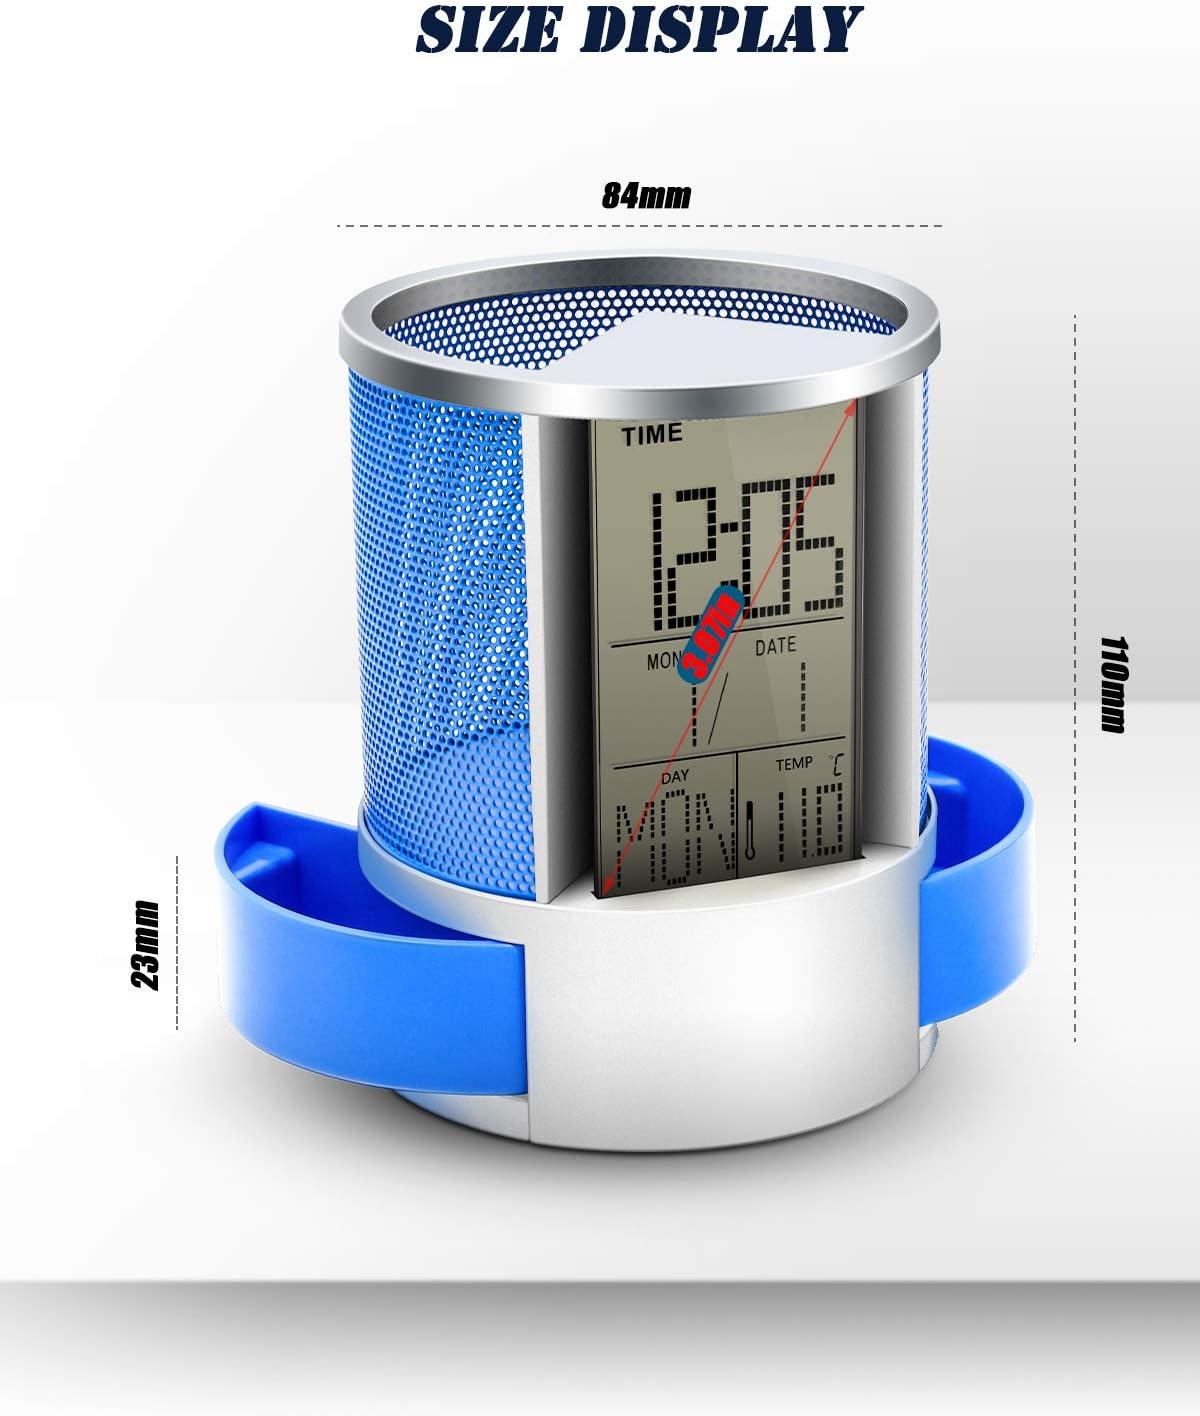 astuccio in metallo calendario sveglia digitale LCD da scrivania con sveglia e righello in rete blu nero Blu organizer da tavolo timer e termometro Portapenne multifunzione orologio